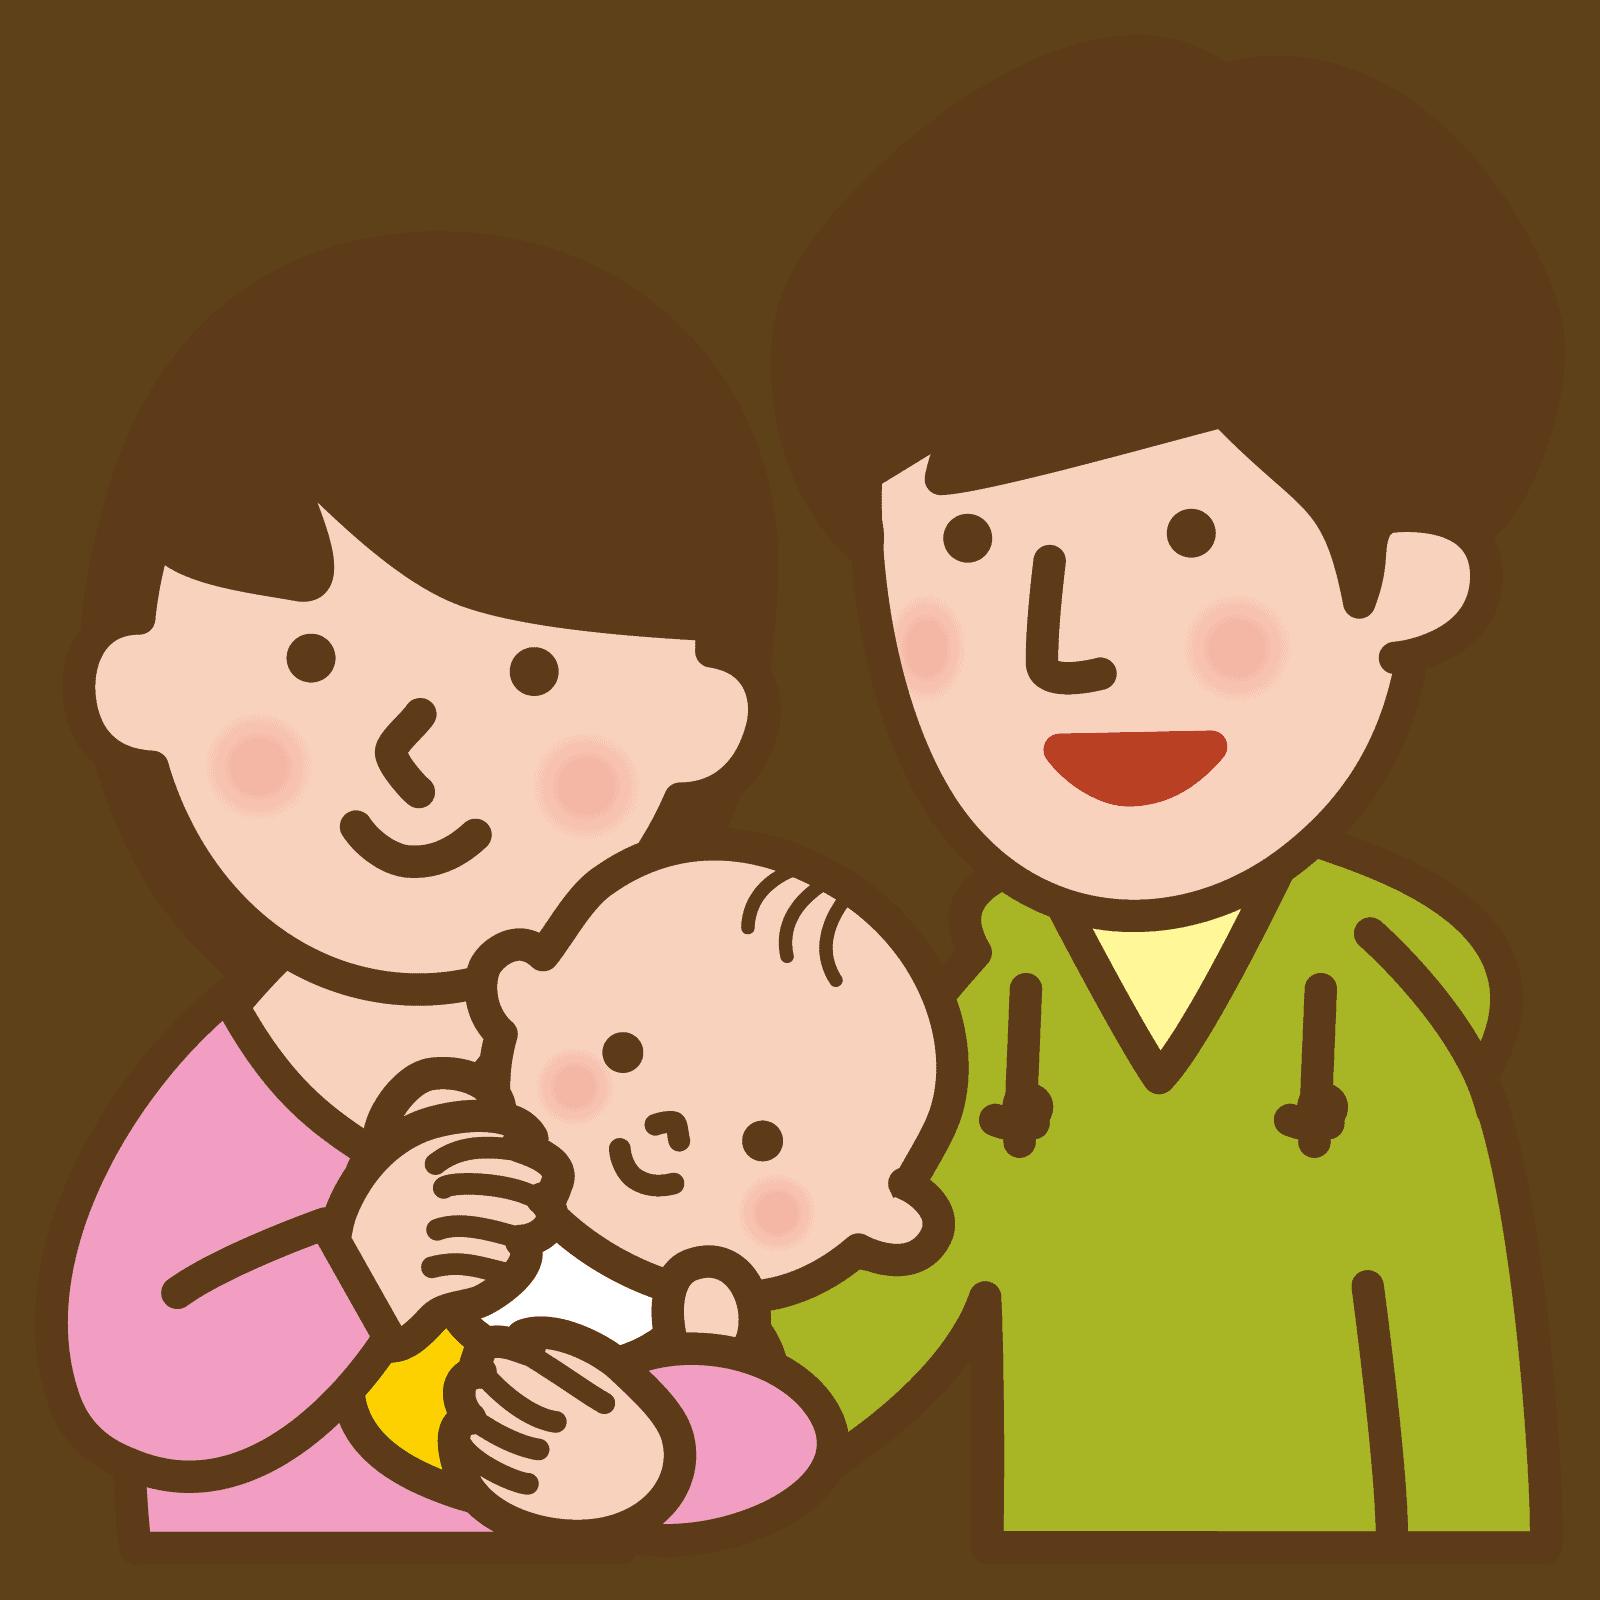 授乳中の赤ちゃんイラスト